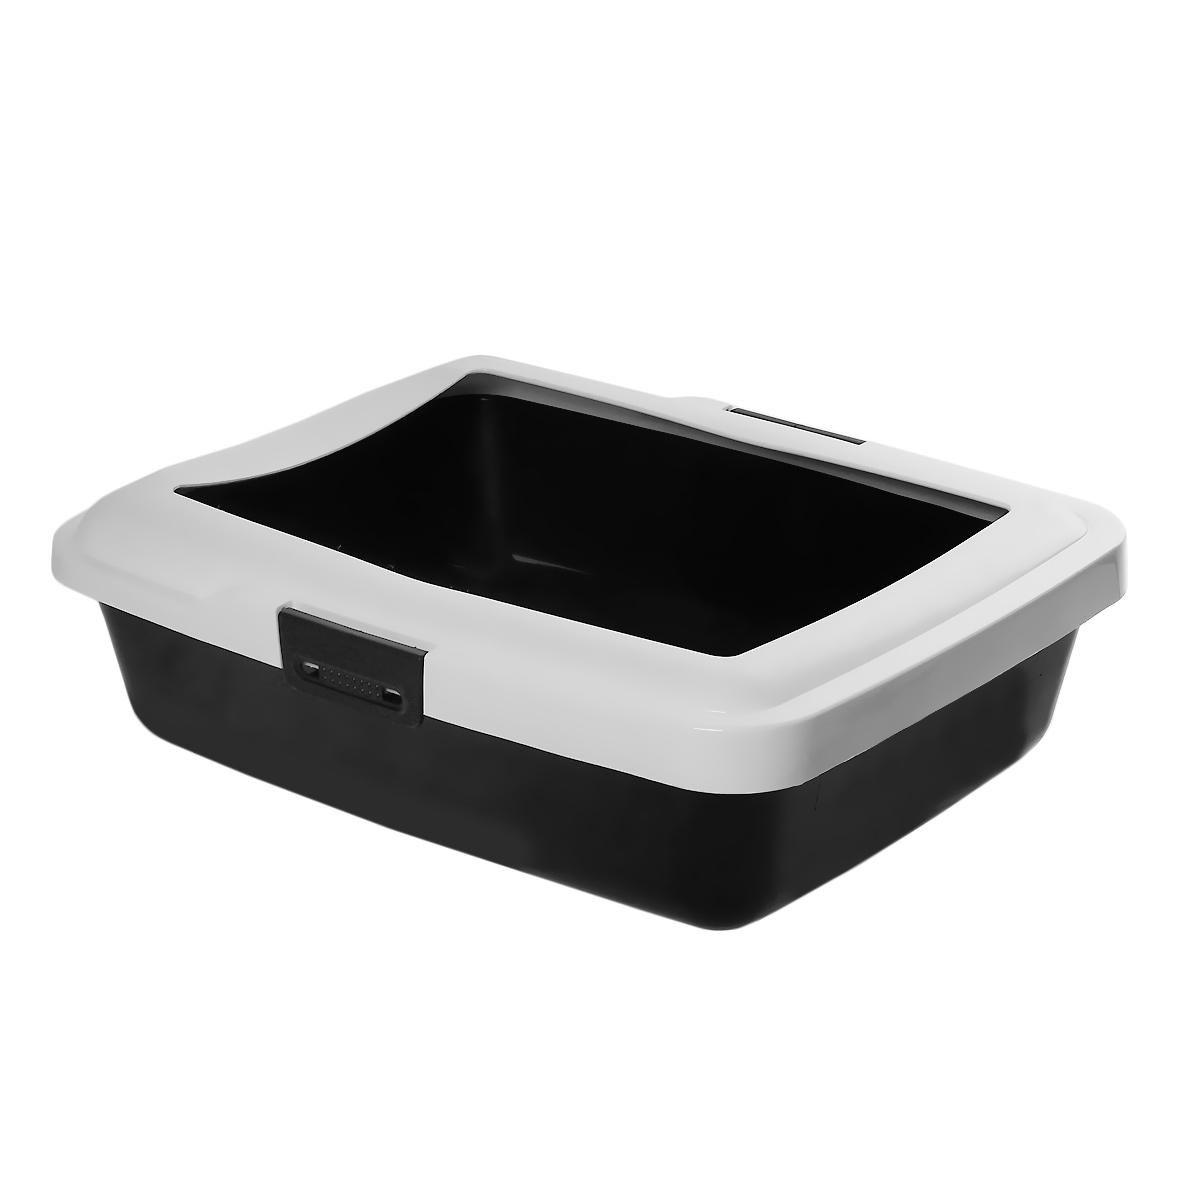 Туалет для кошек Savic Aristos Large, с бортом, цвет: черный, белый, 49,5 см х 39,5 см х 15 см0120710Туалет для кошек Savic Aristos Large изготовлен из качественного прочного пластика. Высокий цветной борт, прикрепленный по периметру лотка замками, удобно защелкивается и предотвращает разбрасывание наполнителя.Это самый простой в употреблении предмет обихода для кошек и котов.